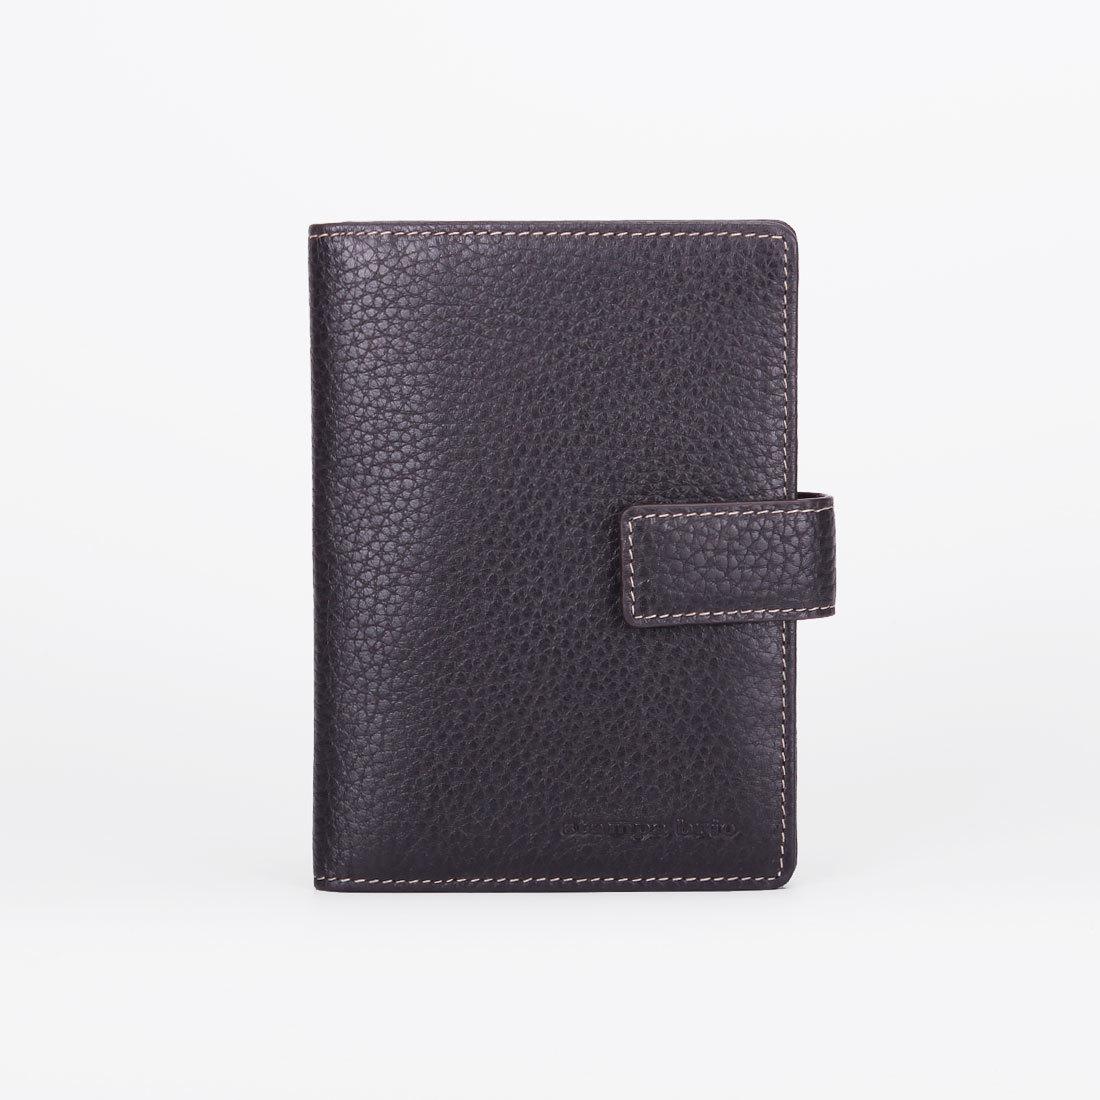 212 R - Обложка для паспорта с RFID защитой